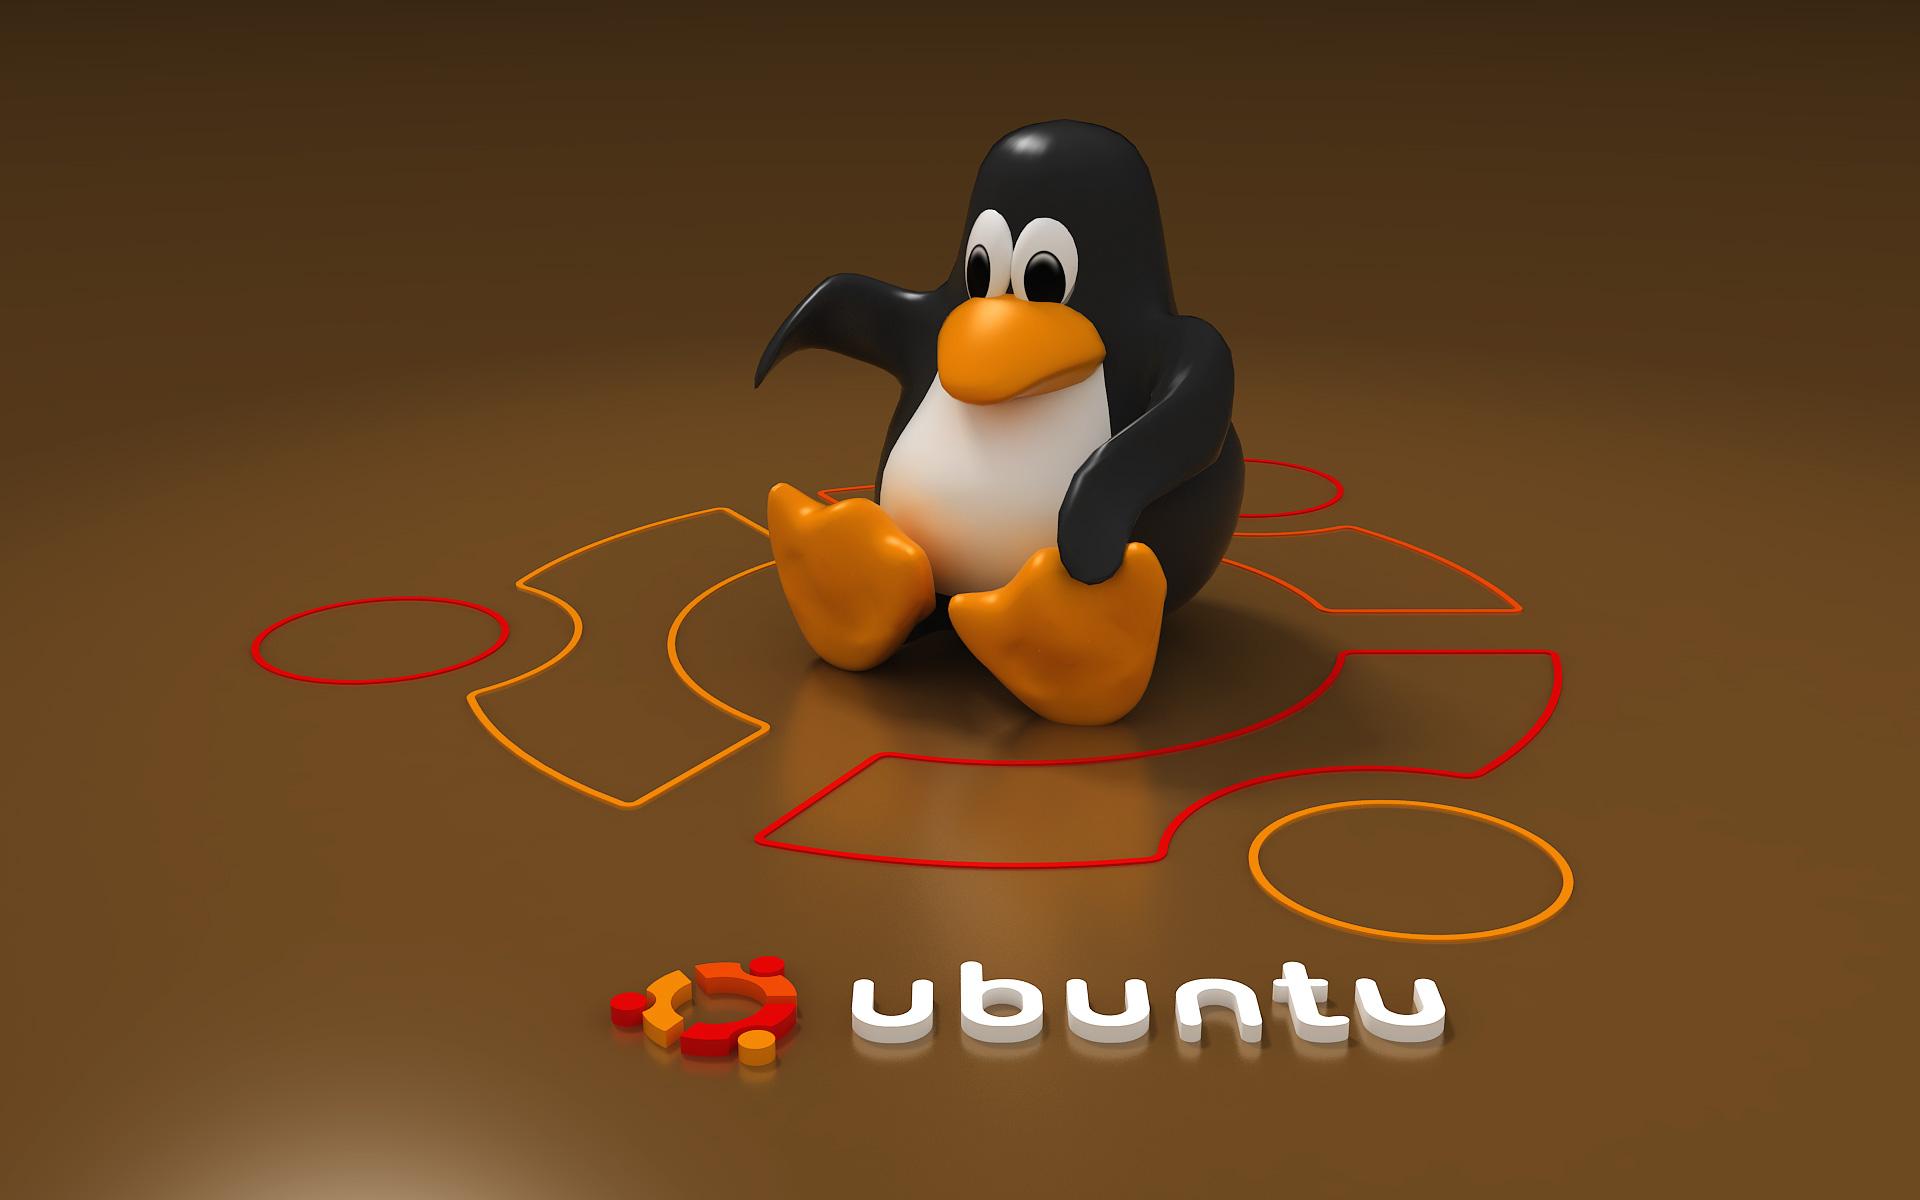 ubuntu навсегда!